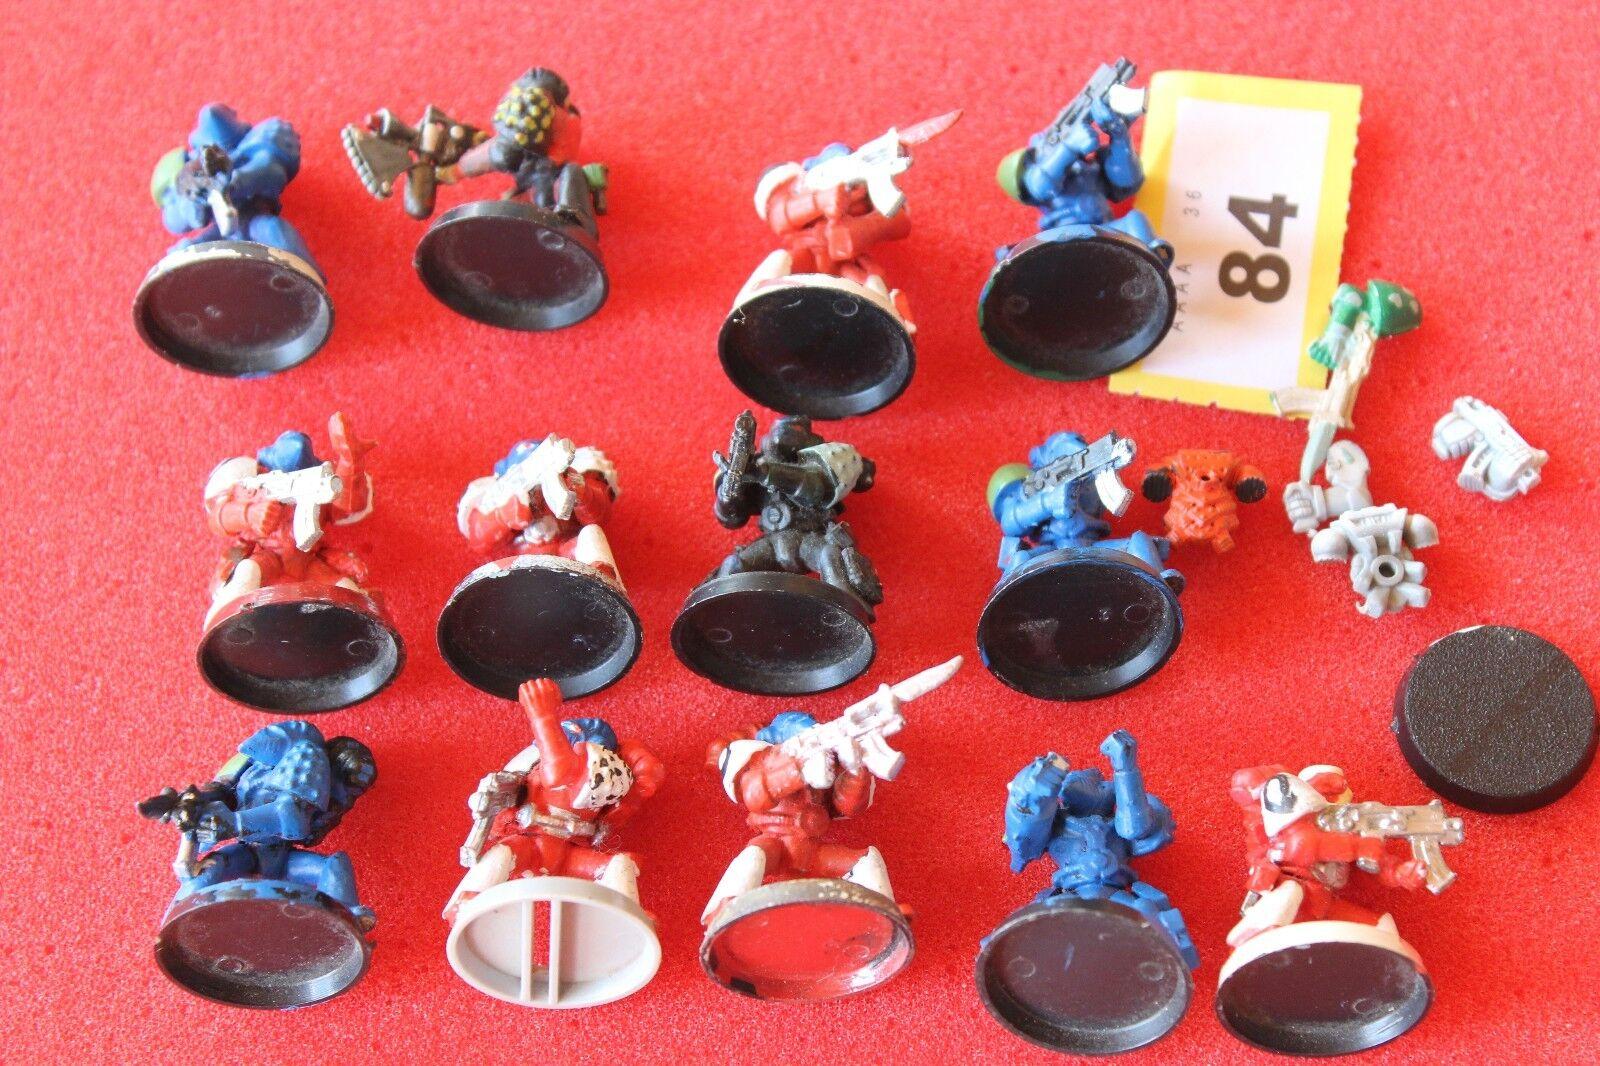 Games Workshop Warhammer 40k RTB01 Space Marines Rogue Trader Army 1990s OOP